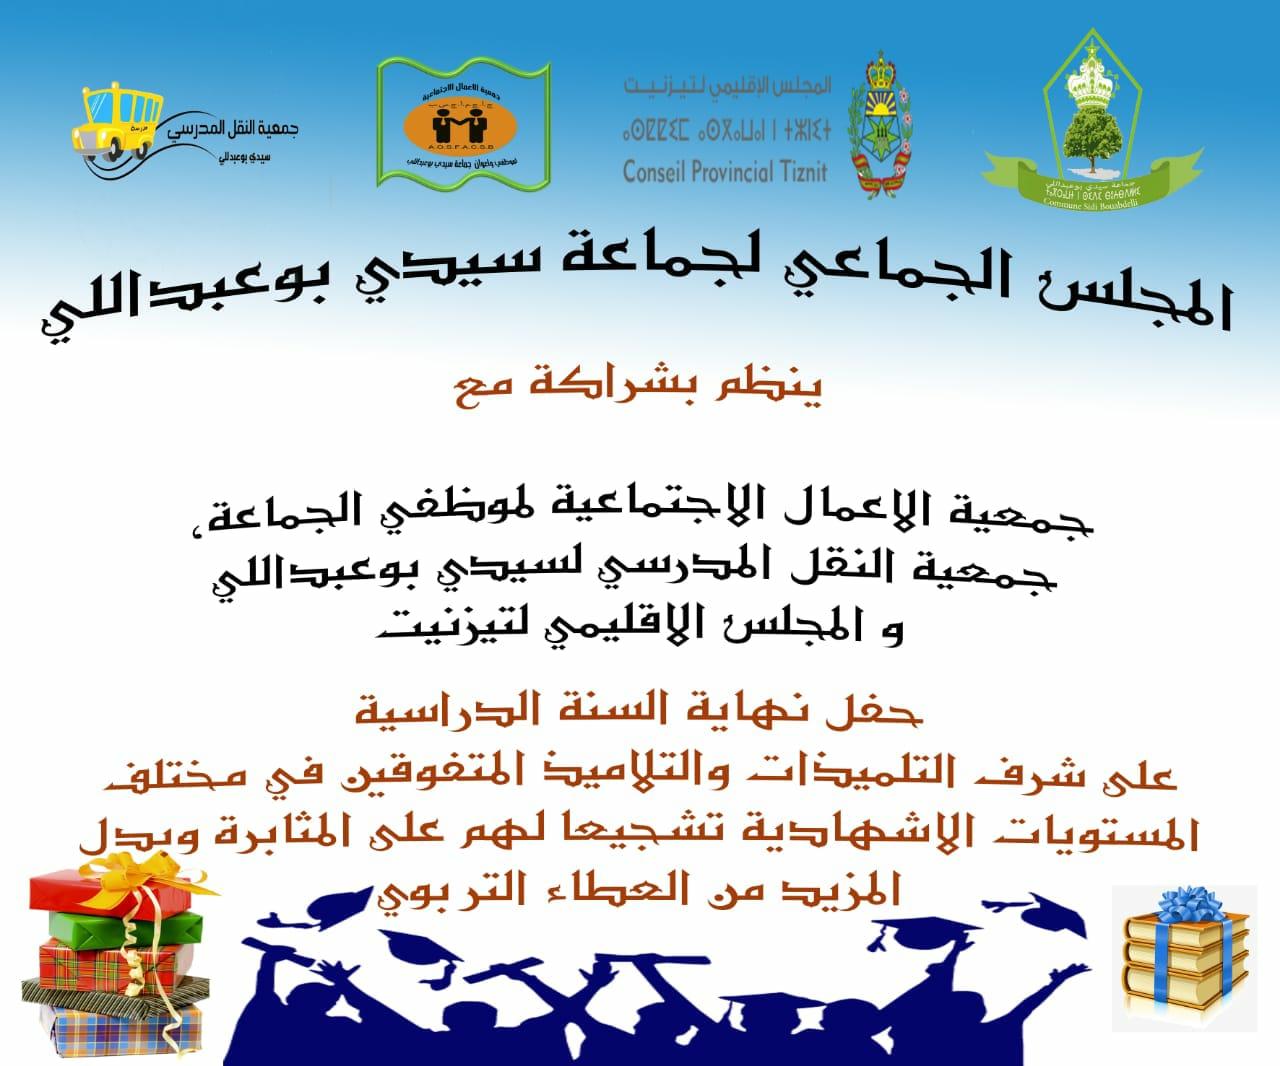 جماعة سيدي بوعبدللي تتوج متفوقيها في حفل التميز